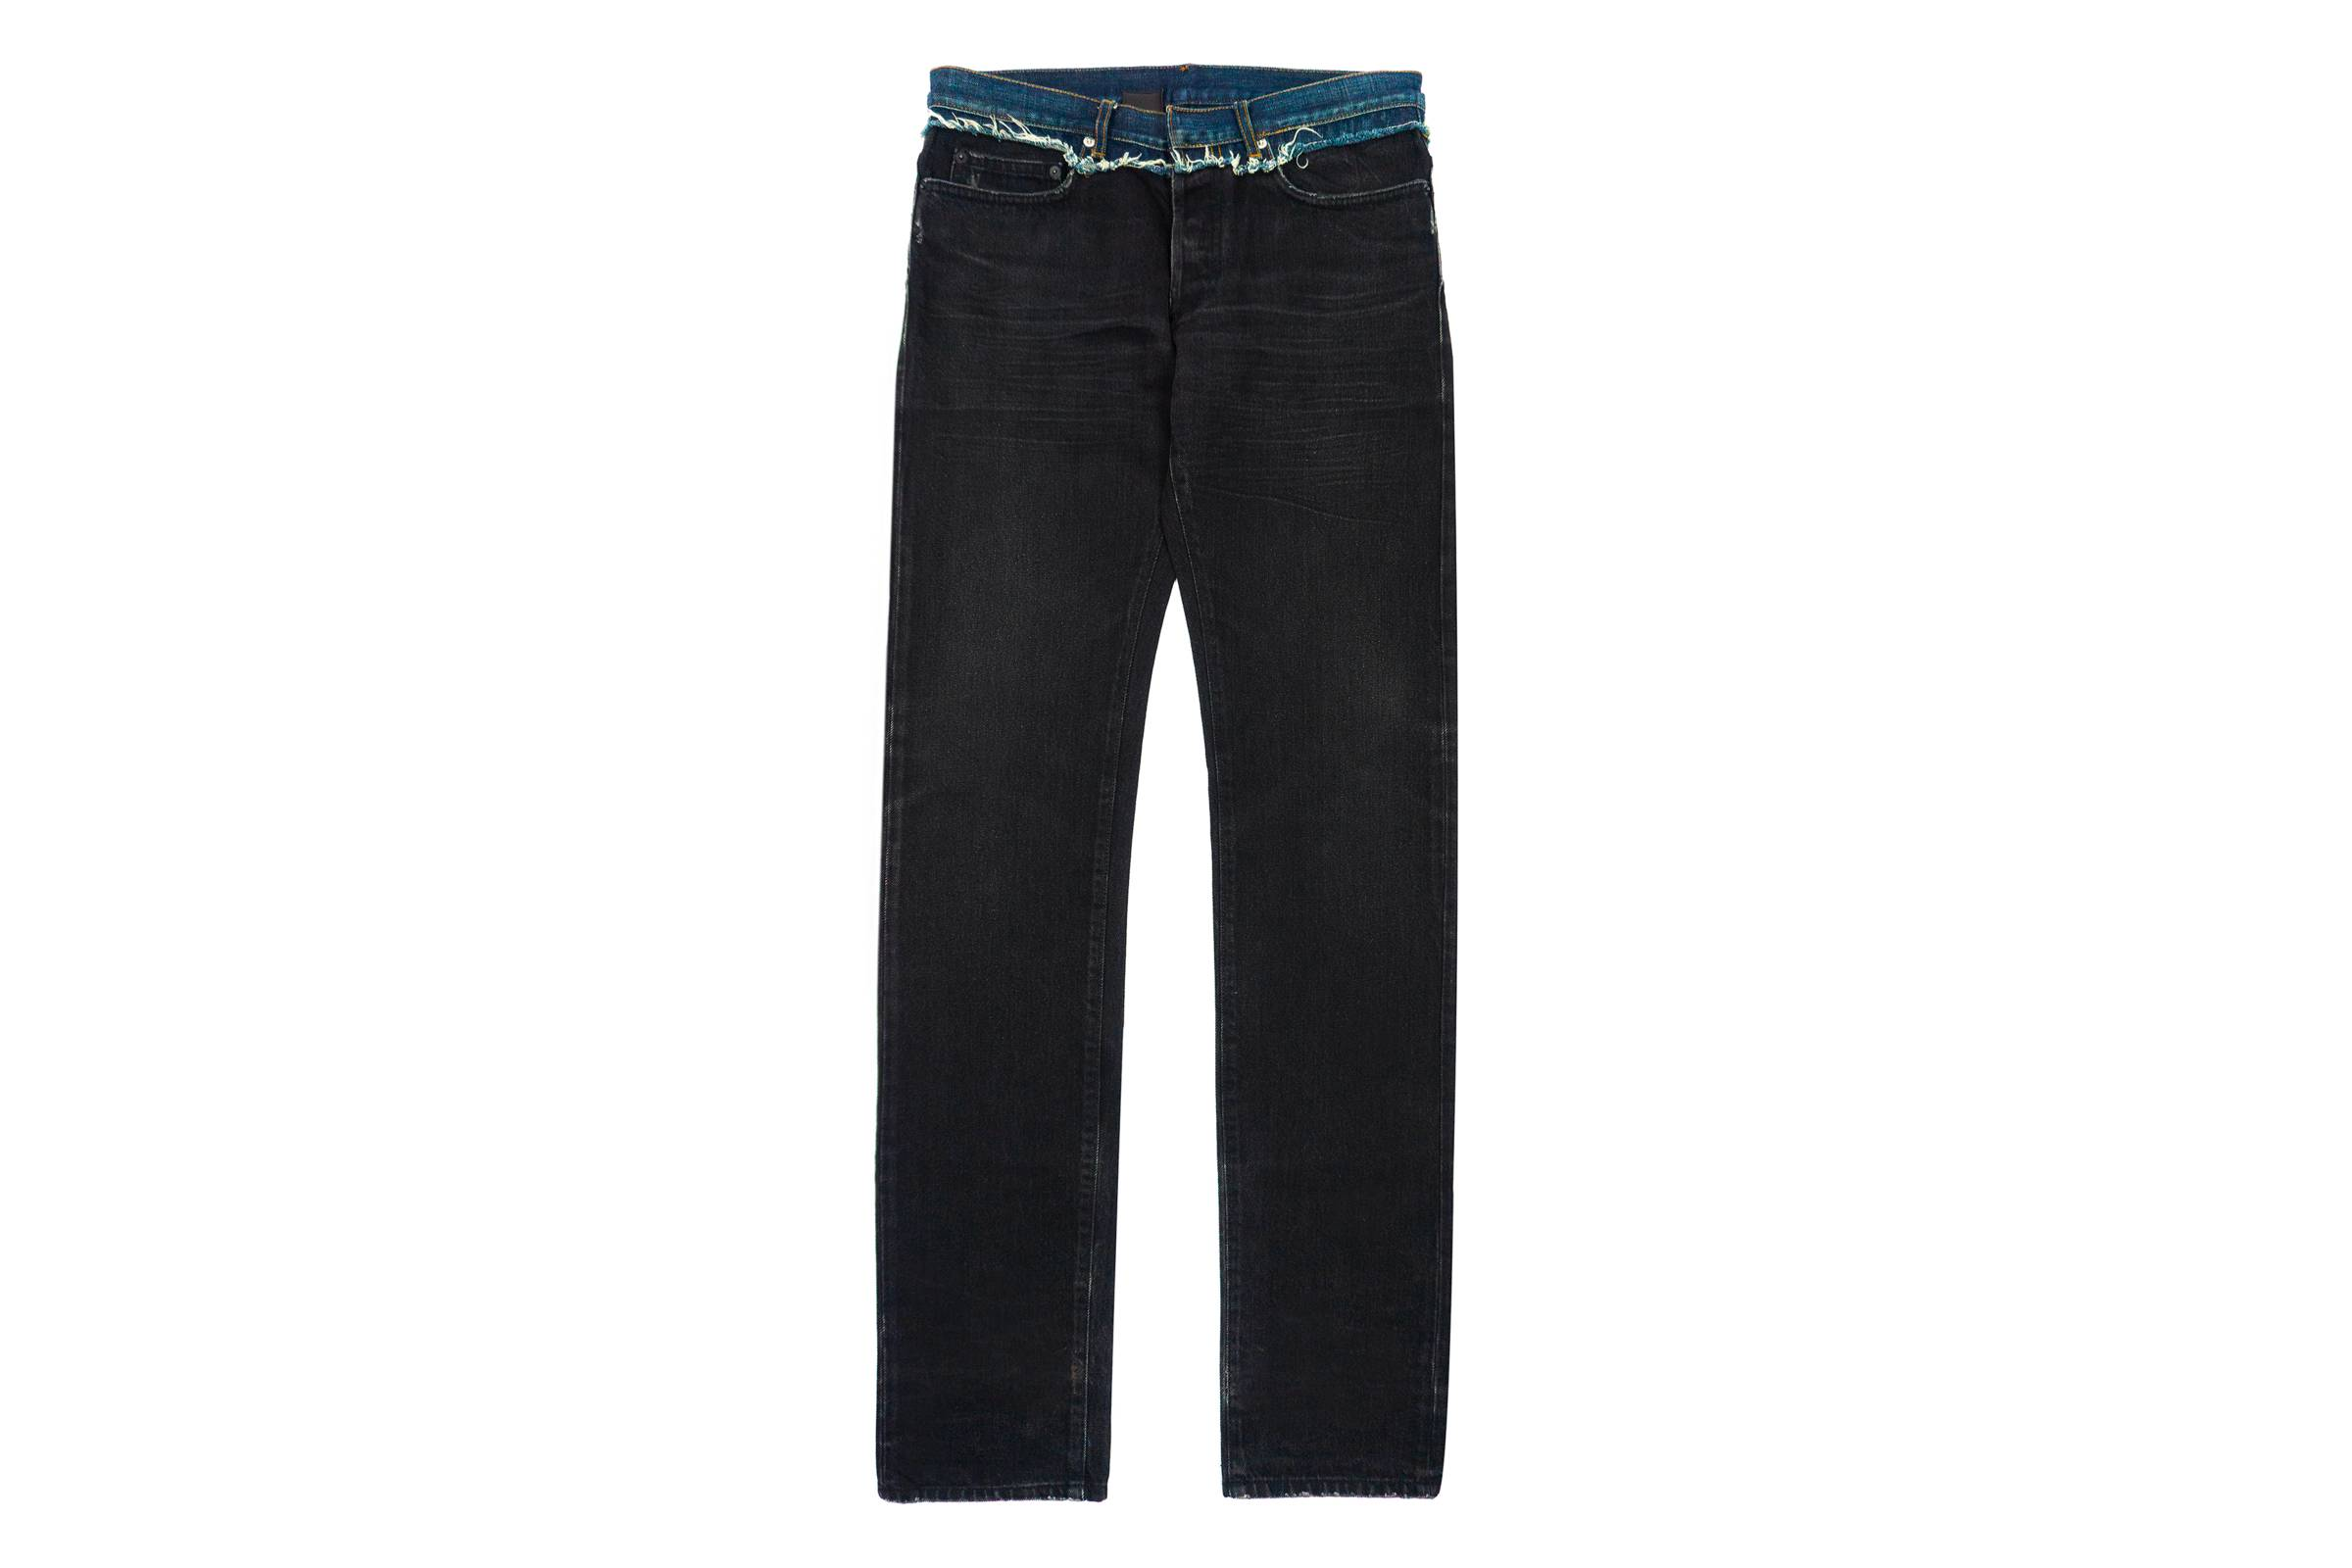 Dior Homme Black Cummerbund Jean